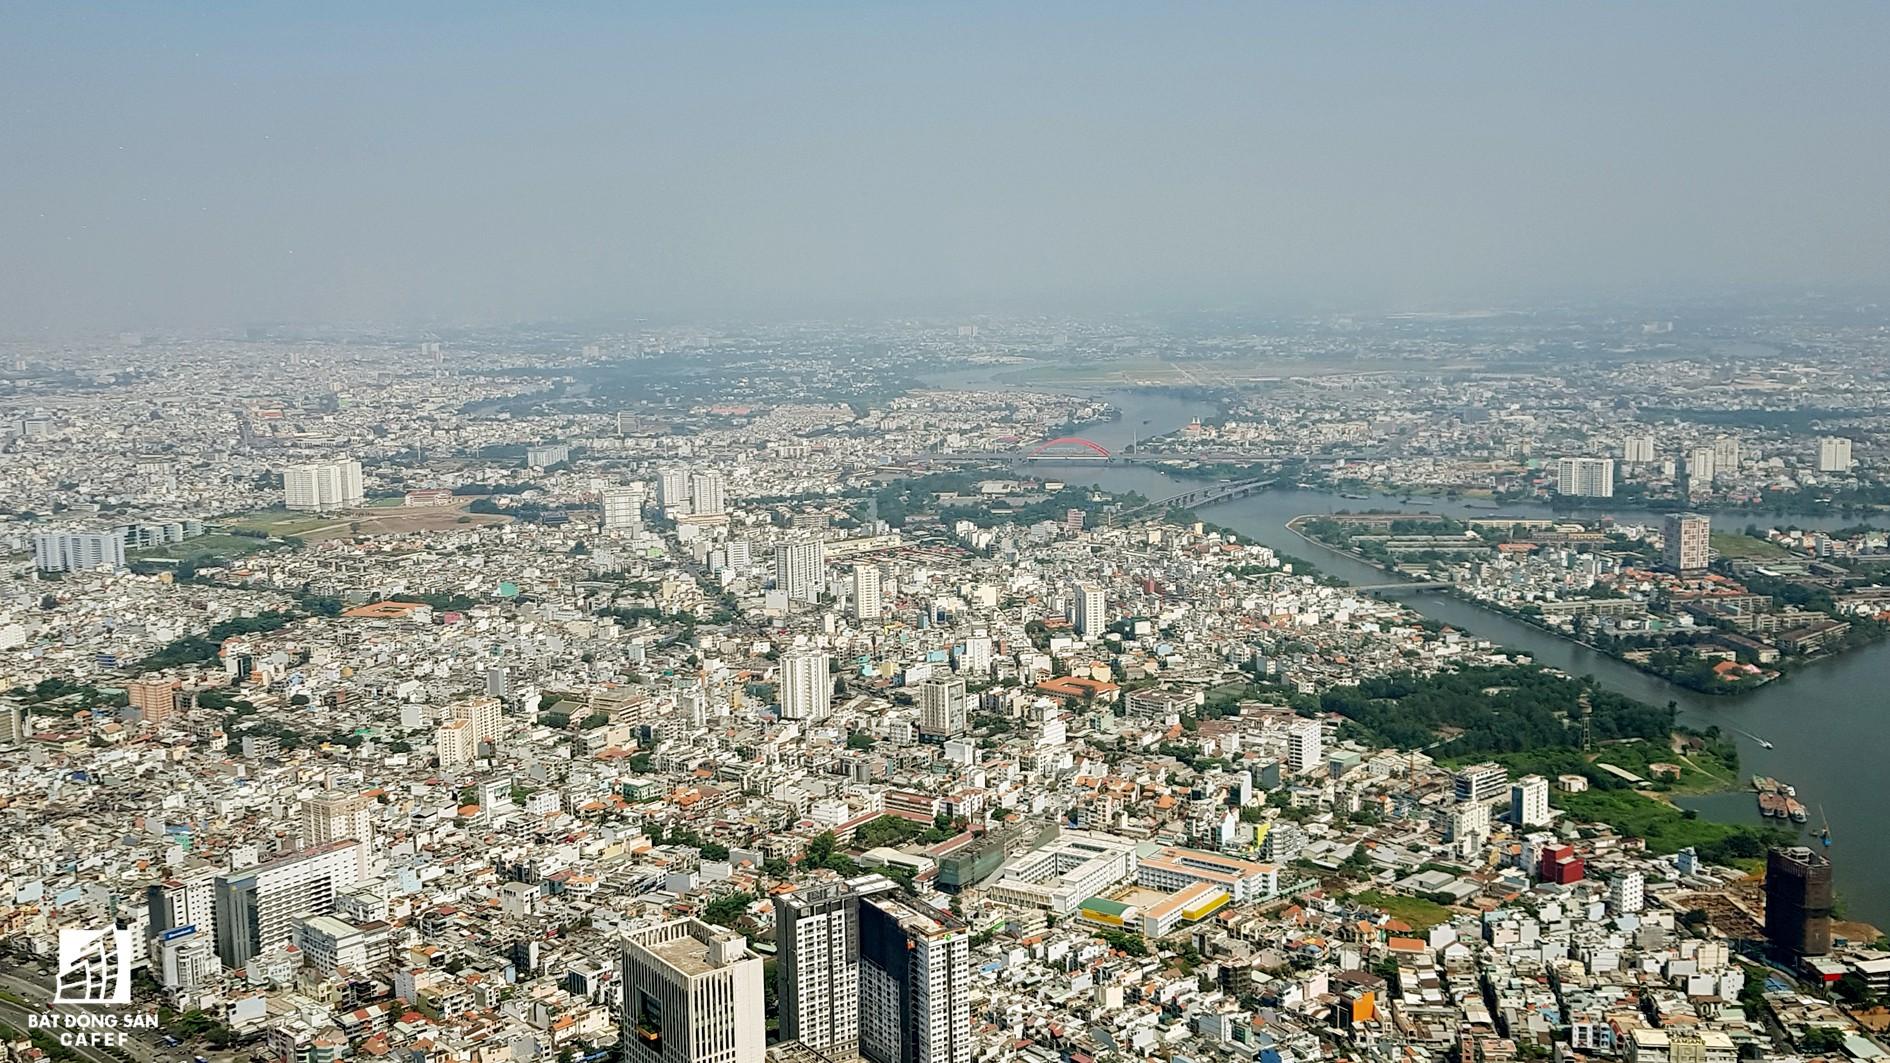 Toàn cảnh đô thị trung tâm Sài Gòn nhìn từ đỉnh tòa nhà cao nhất Việt Nam - Ảnh 11.